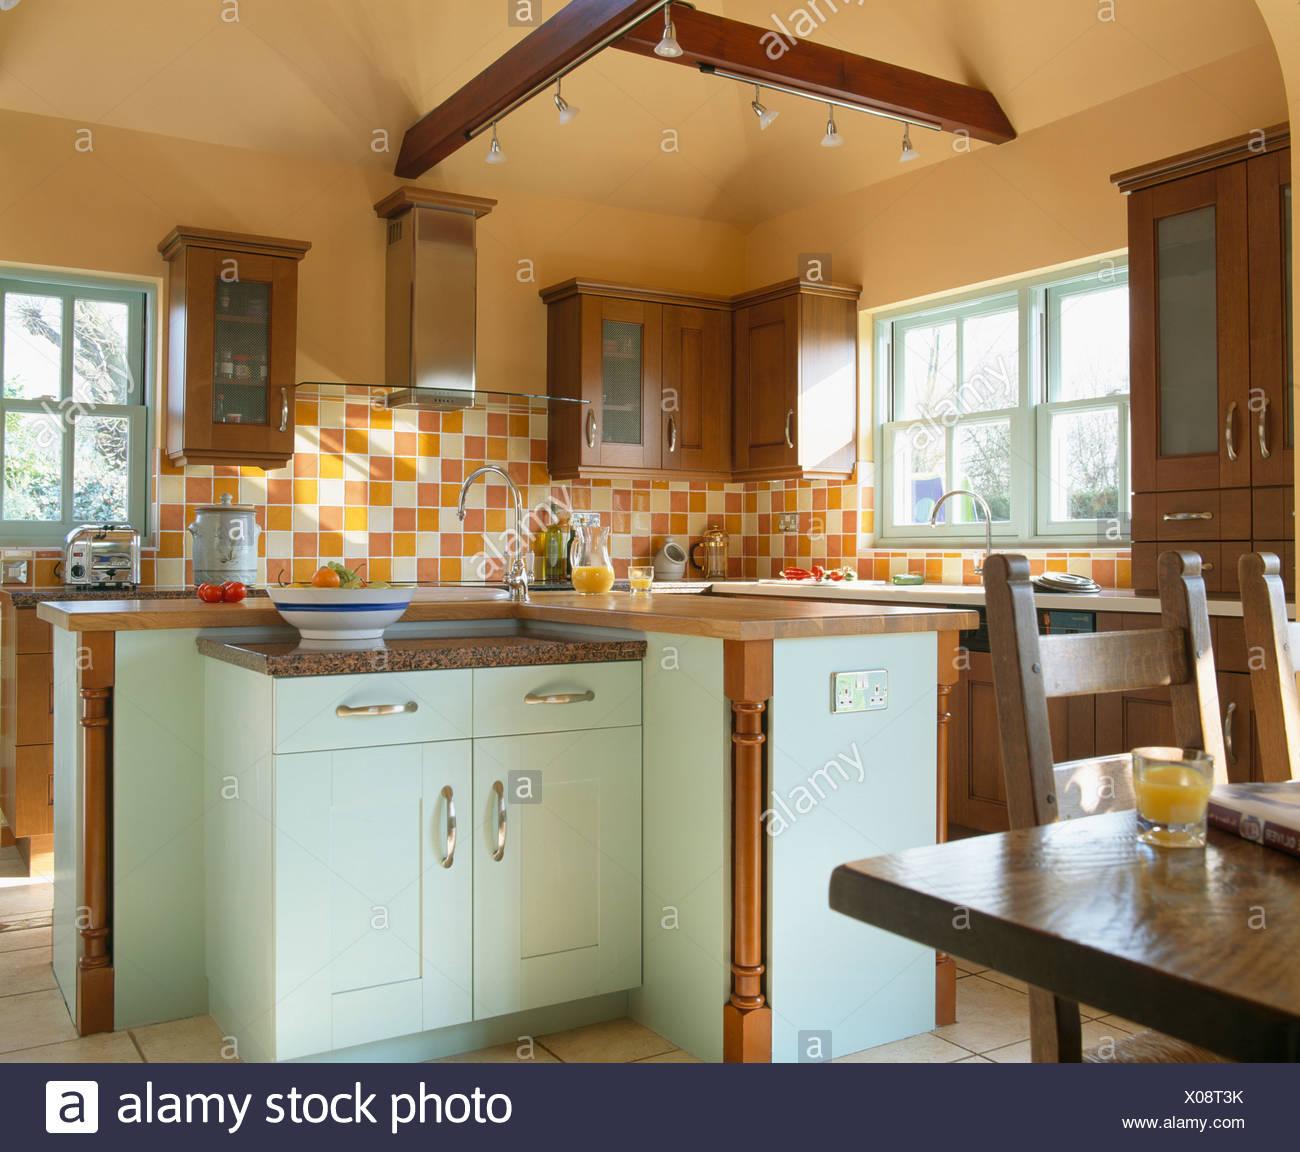 Único Cocina Azulejos De Mosaico Reino Unido Fotos - Ideas de ...